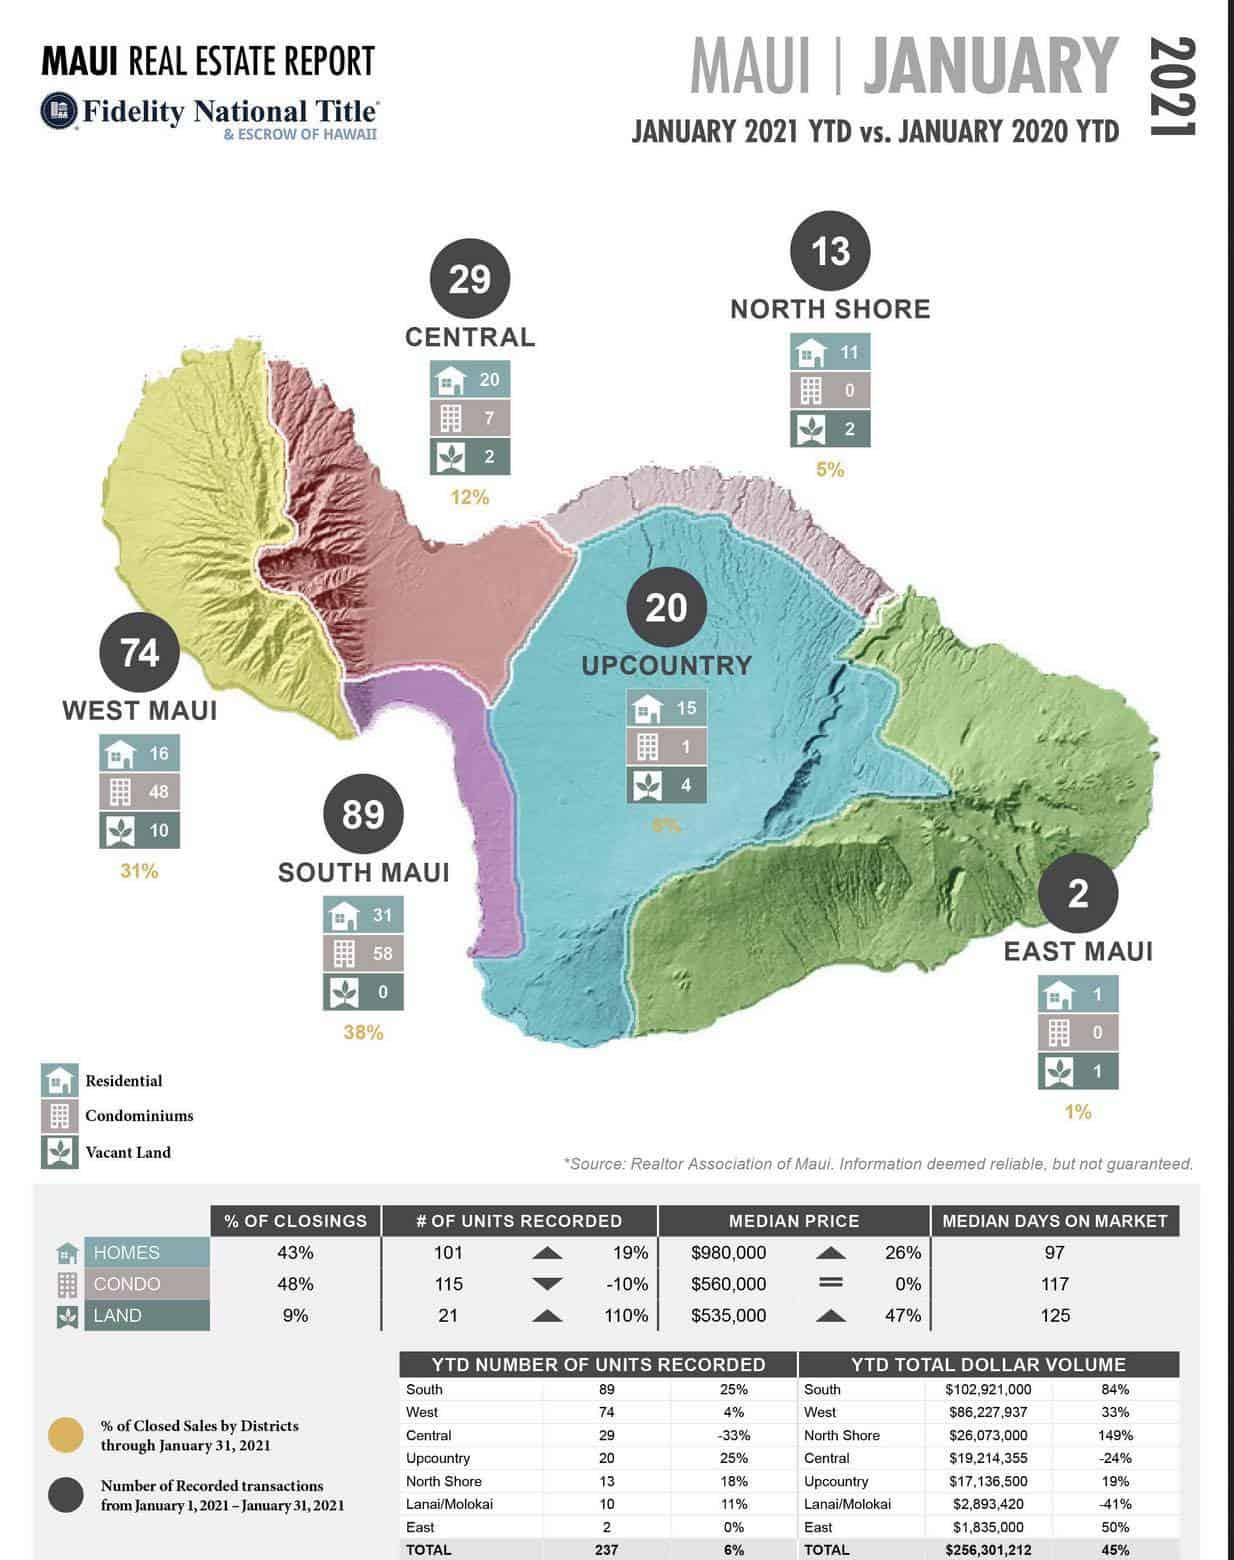 Jan 2021 Maui statistics